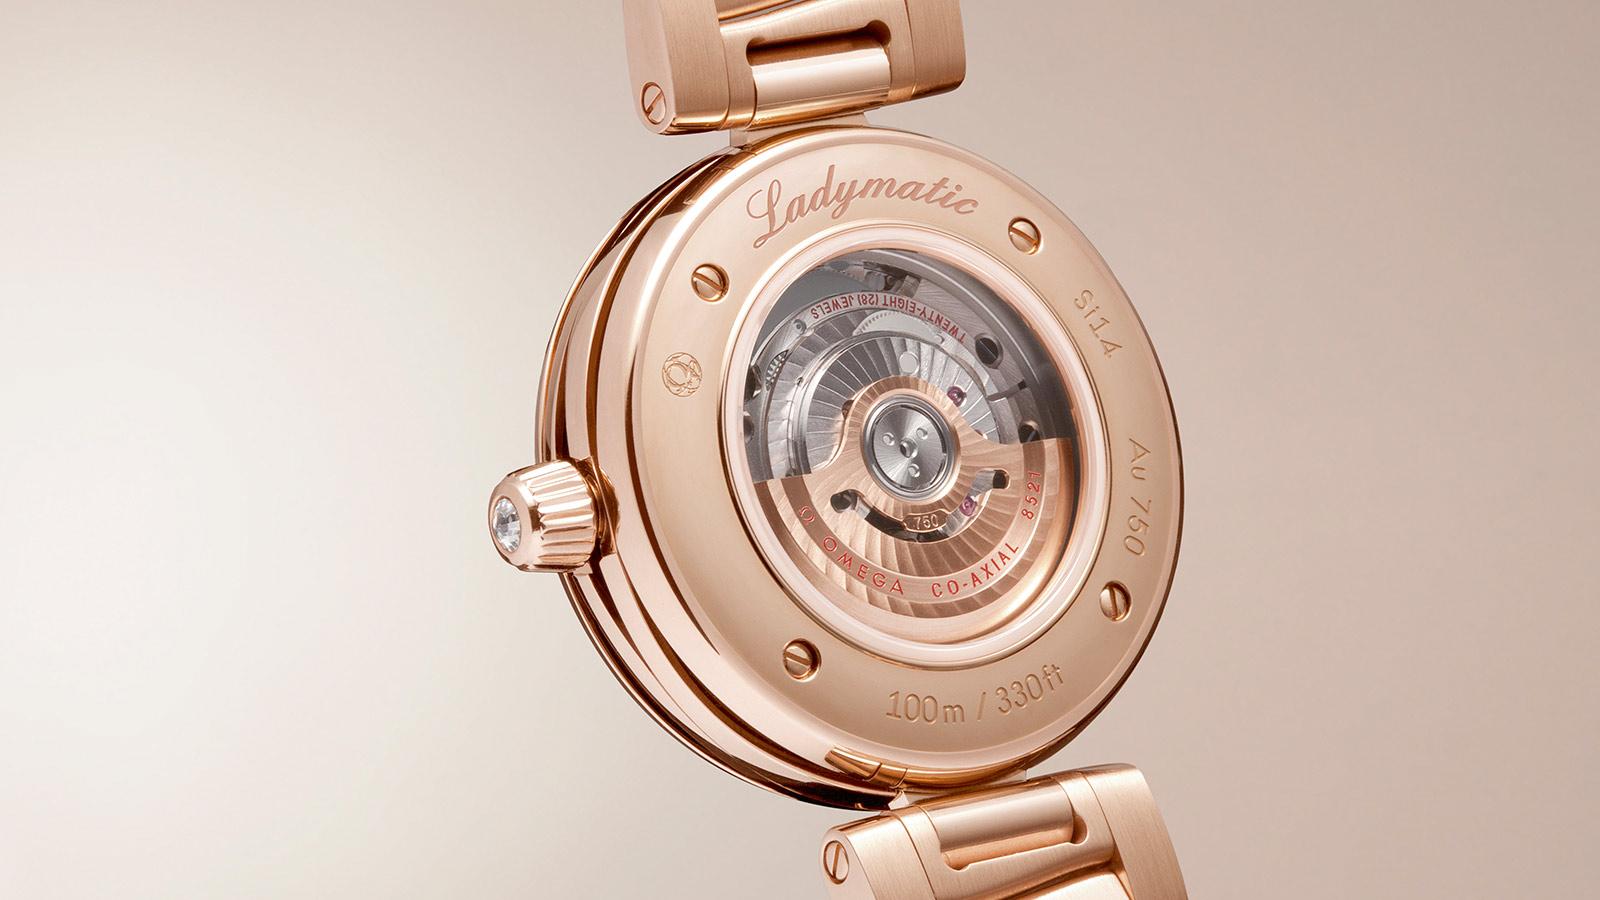 碟飞系列 LADYMATIC腕表 Ladymatic腕表 欧米茄34毫米同轴腕表 - 425.65.34.20.51.001 - 查看 3